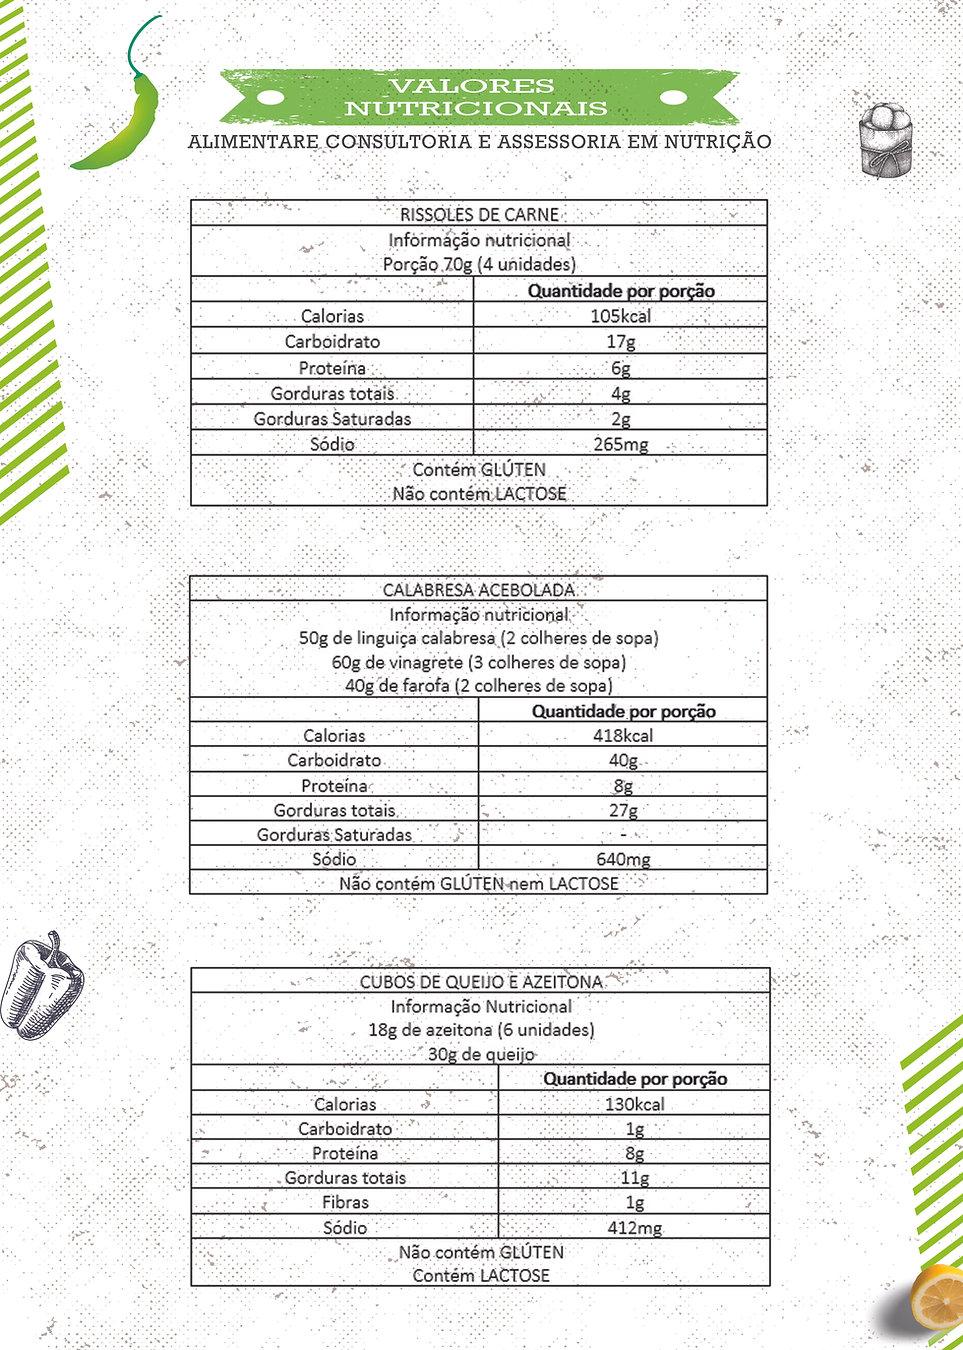 VALORES NUTRICIONAIS PAG 15.jpg